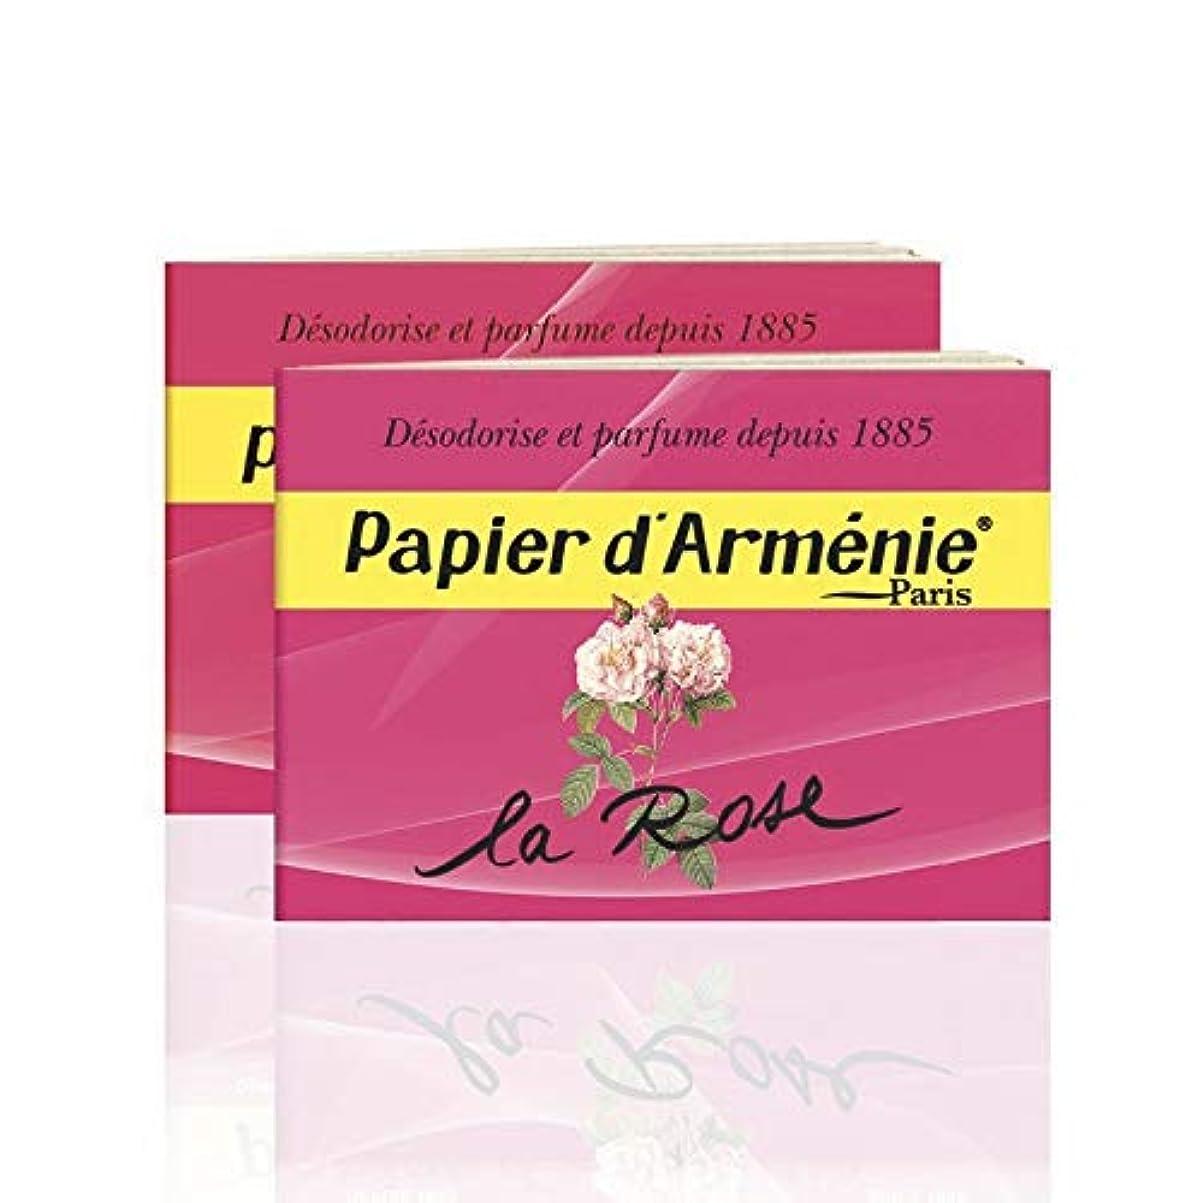 申請中親指バイアスパピエダルメニィ ローズ Papier d'Armenie La Rose (3)